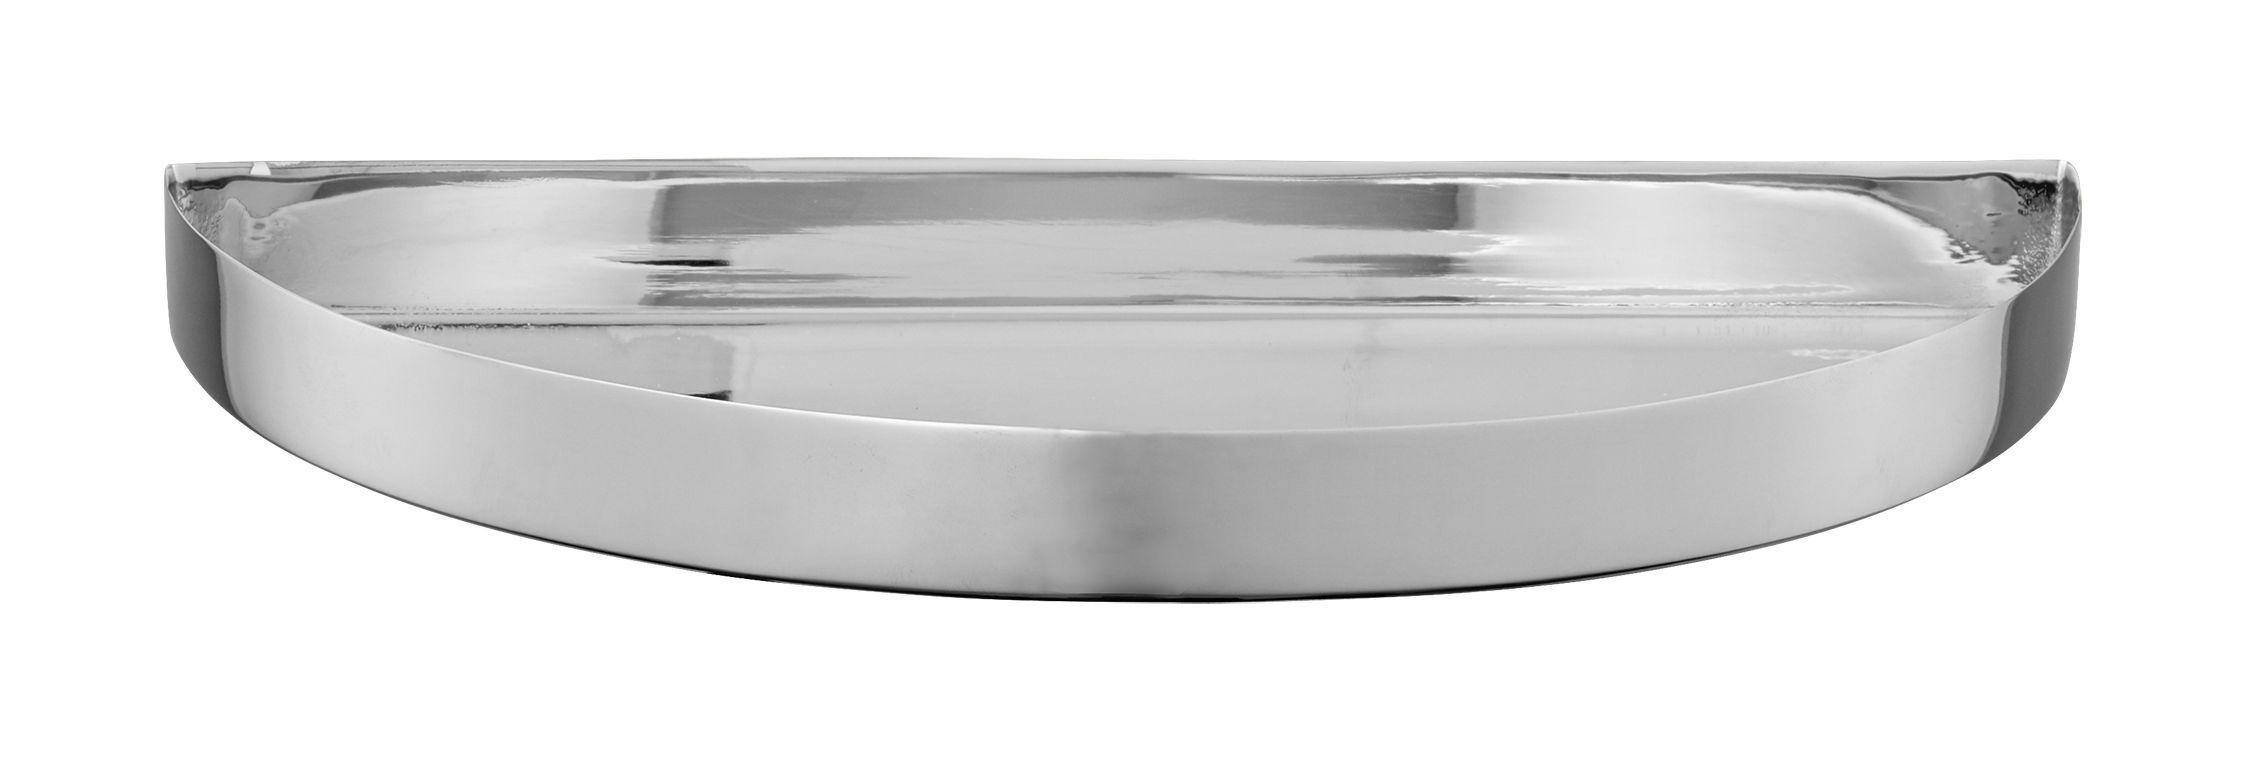 Tavola - Vassoi  - Piano/vassoio Unity - / Semi-cerchio - L 21,5 cm di AYTM - Argento - Acciaio inossidabile